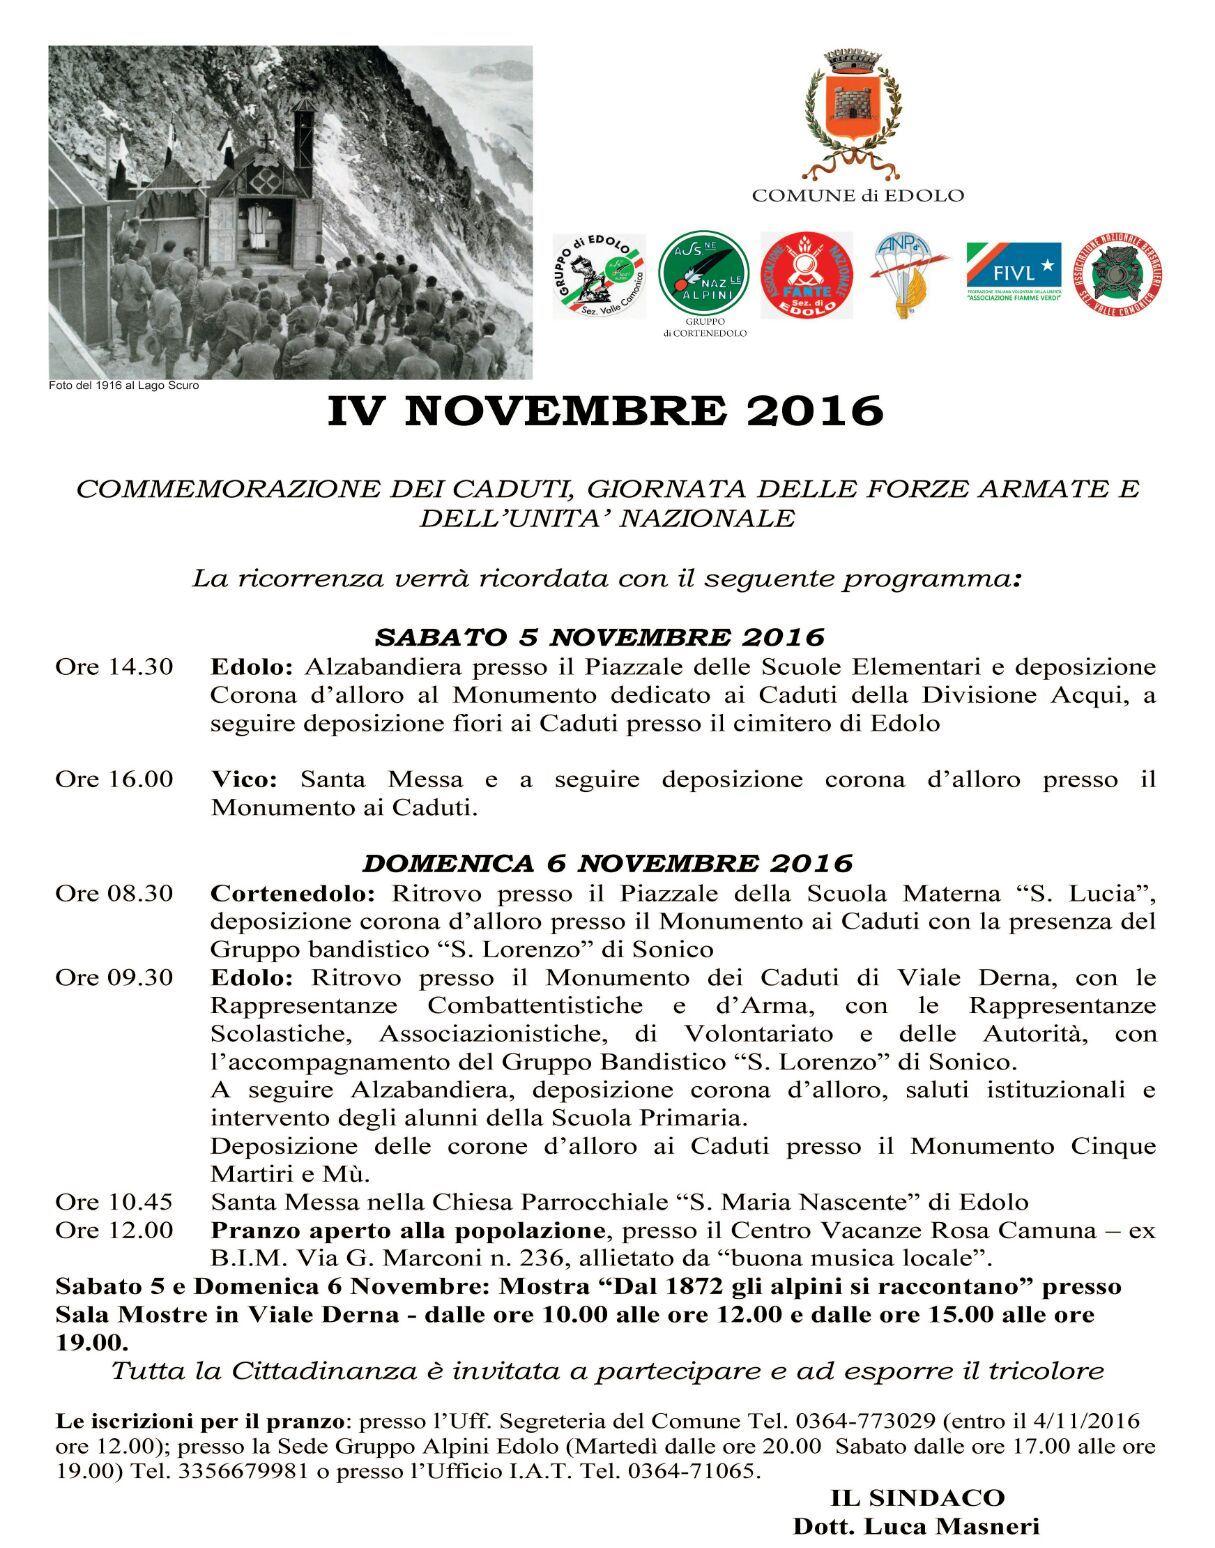 commemorazione-4-11-16